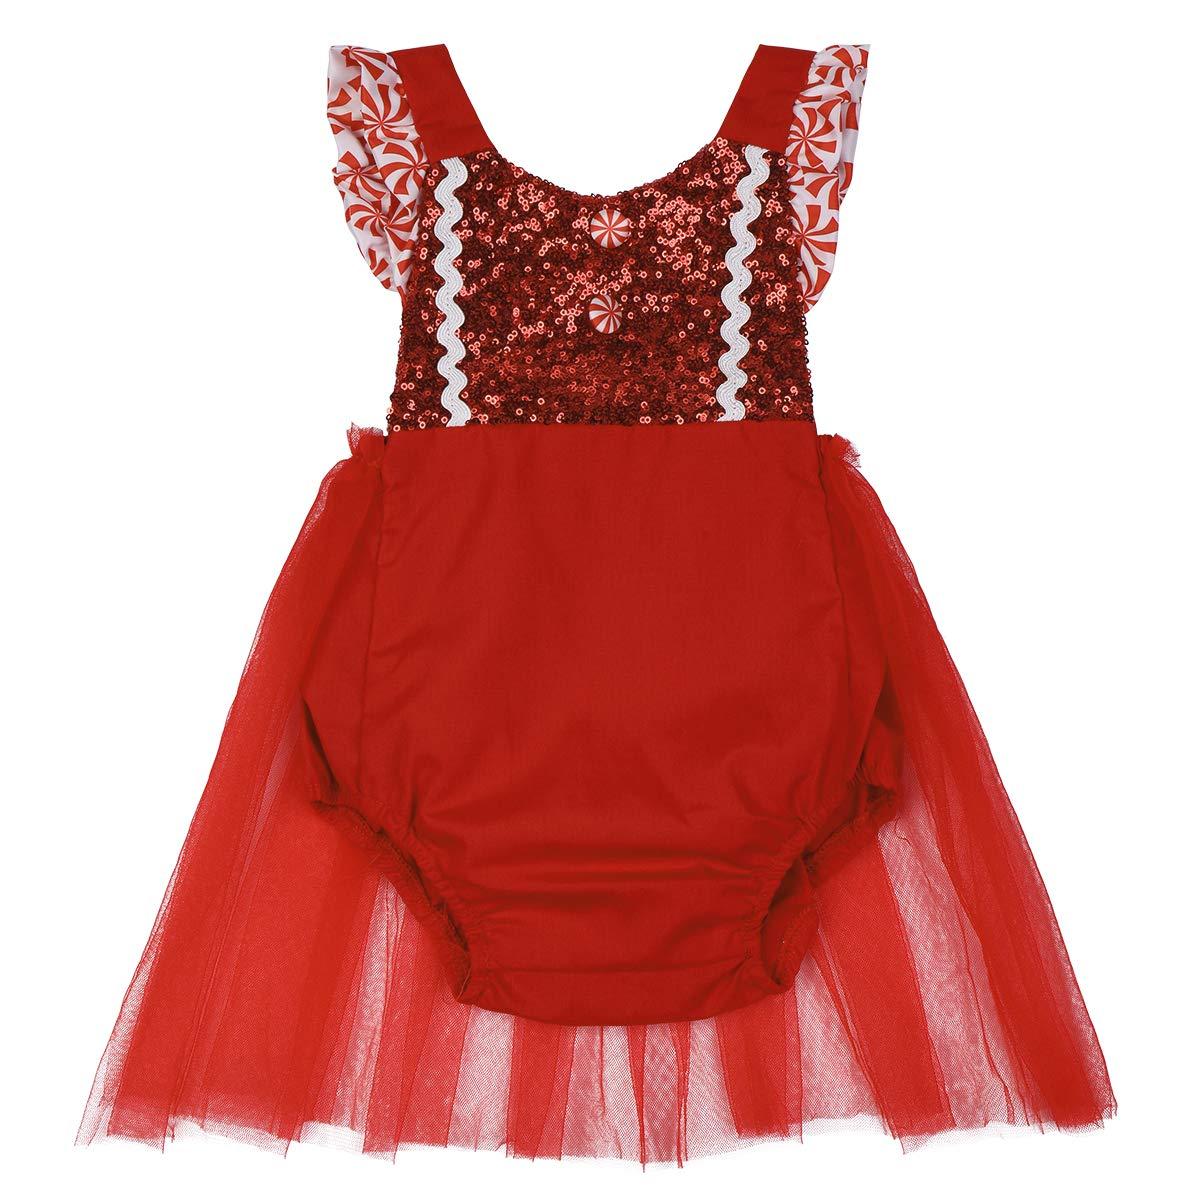 Amazon.com: Juego de 2 piezas de vestidos de Navidad para ...